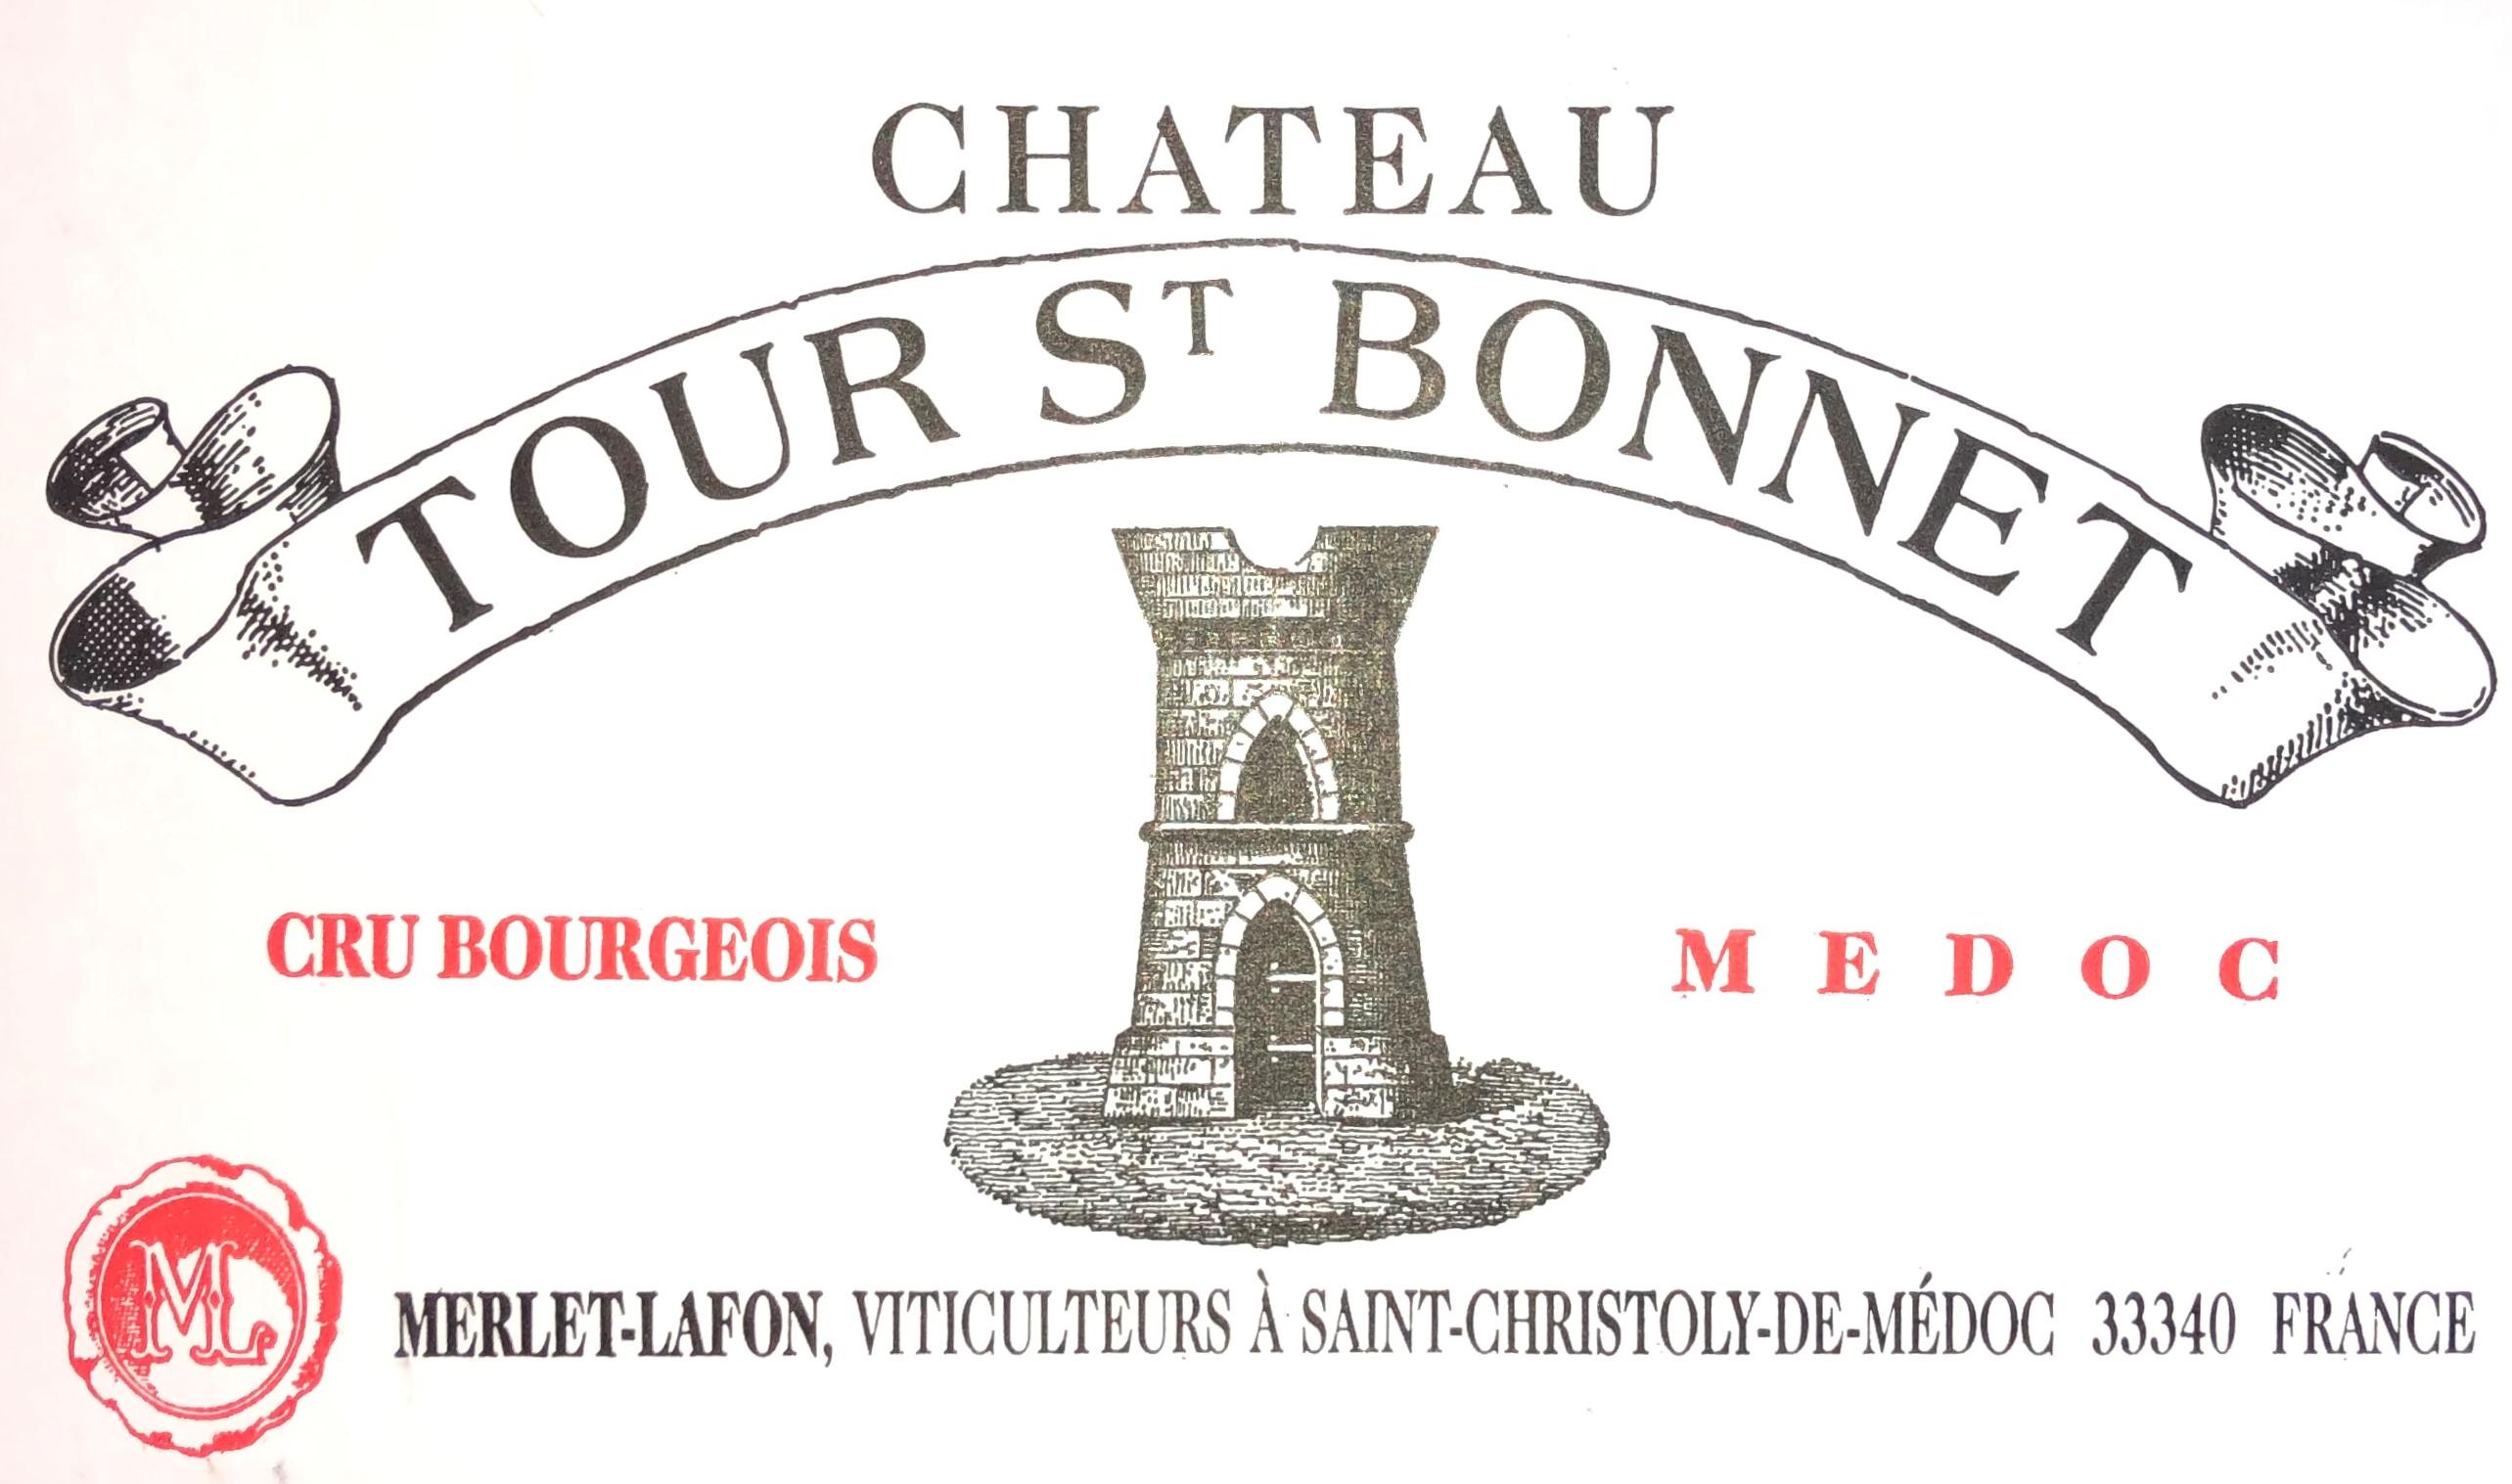 Lot 46 - 1998 Tour St Bonnet, Medoc, Bordeaux, France, 12 bottles